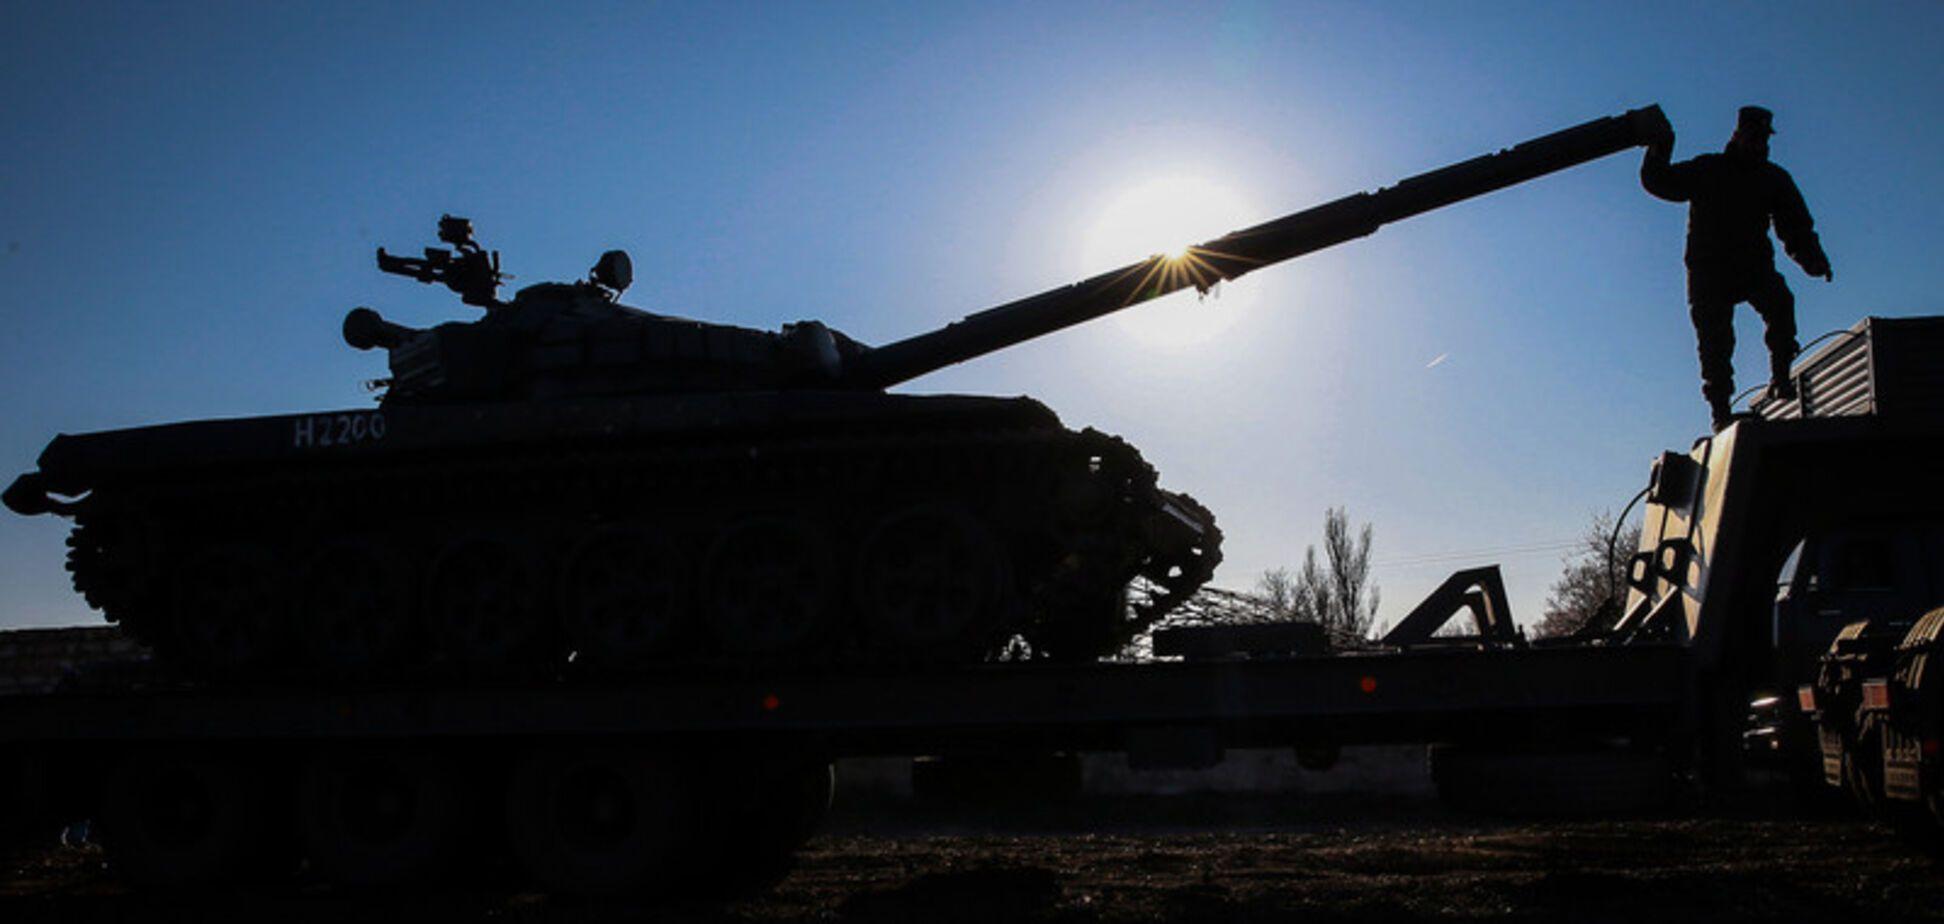 Терористи били мінометами по житлових будинках: об'єднані сили дали відсіч на Донбасі